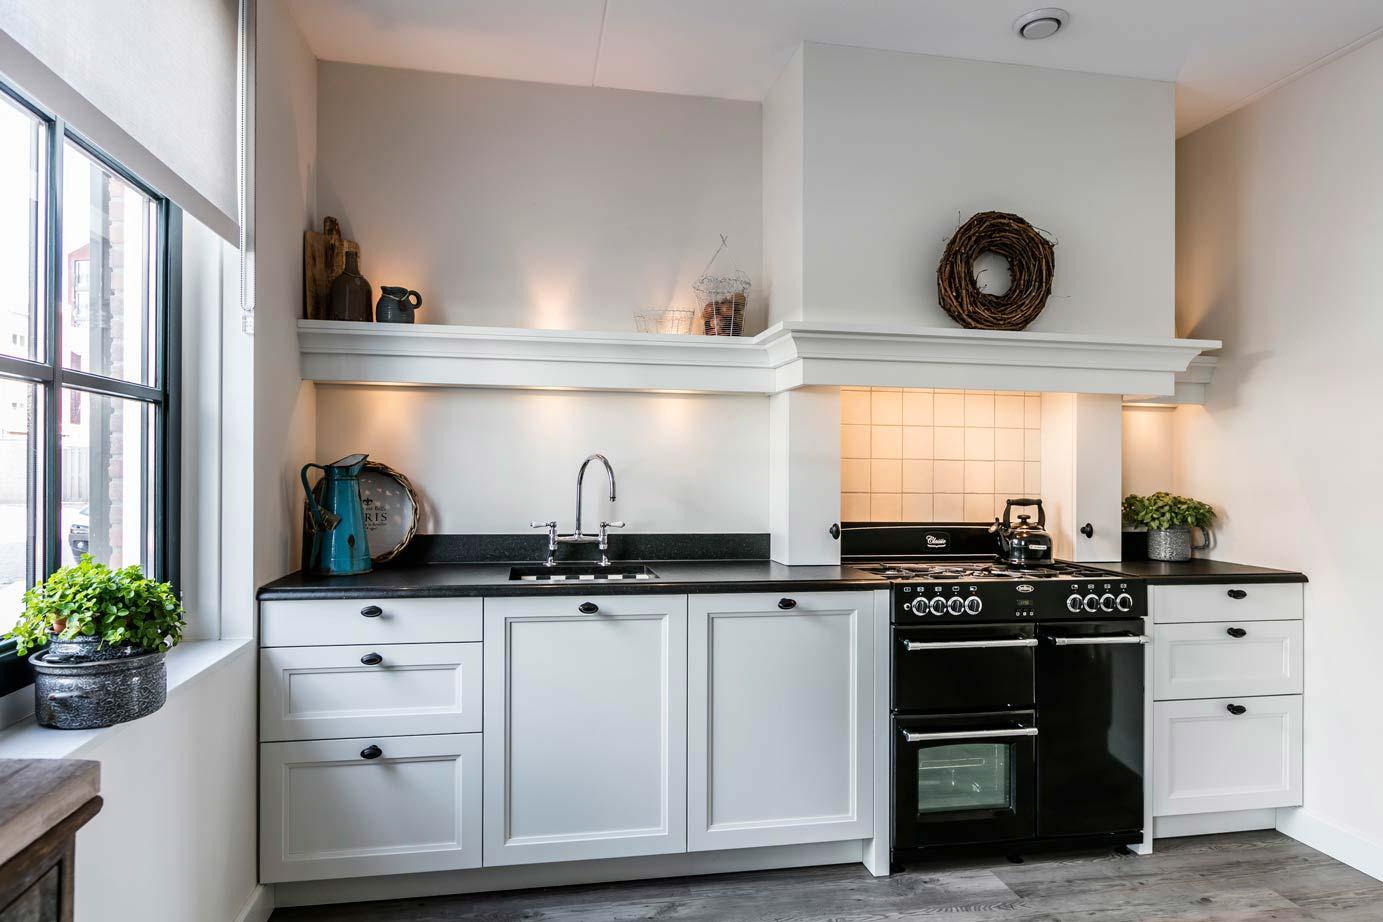 keuken tegels landelijke stijl : Landelijke Keukens Alles Wat U Moet Weten Incl